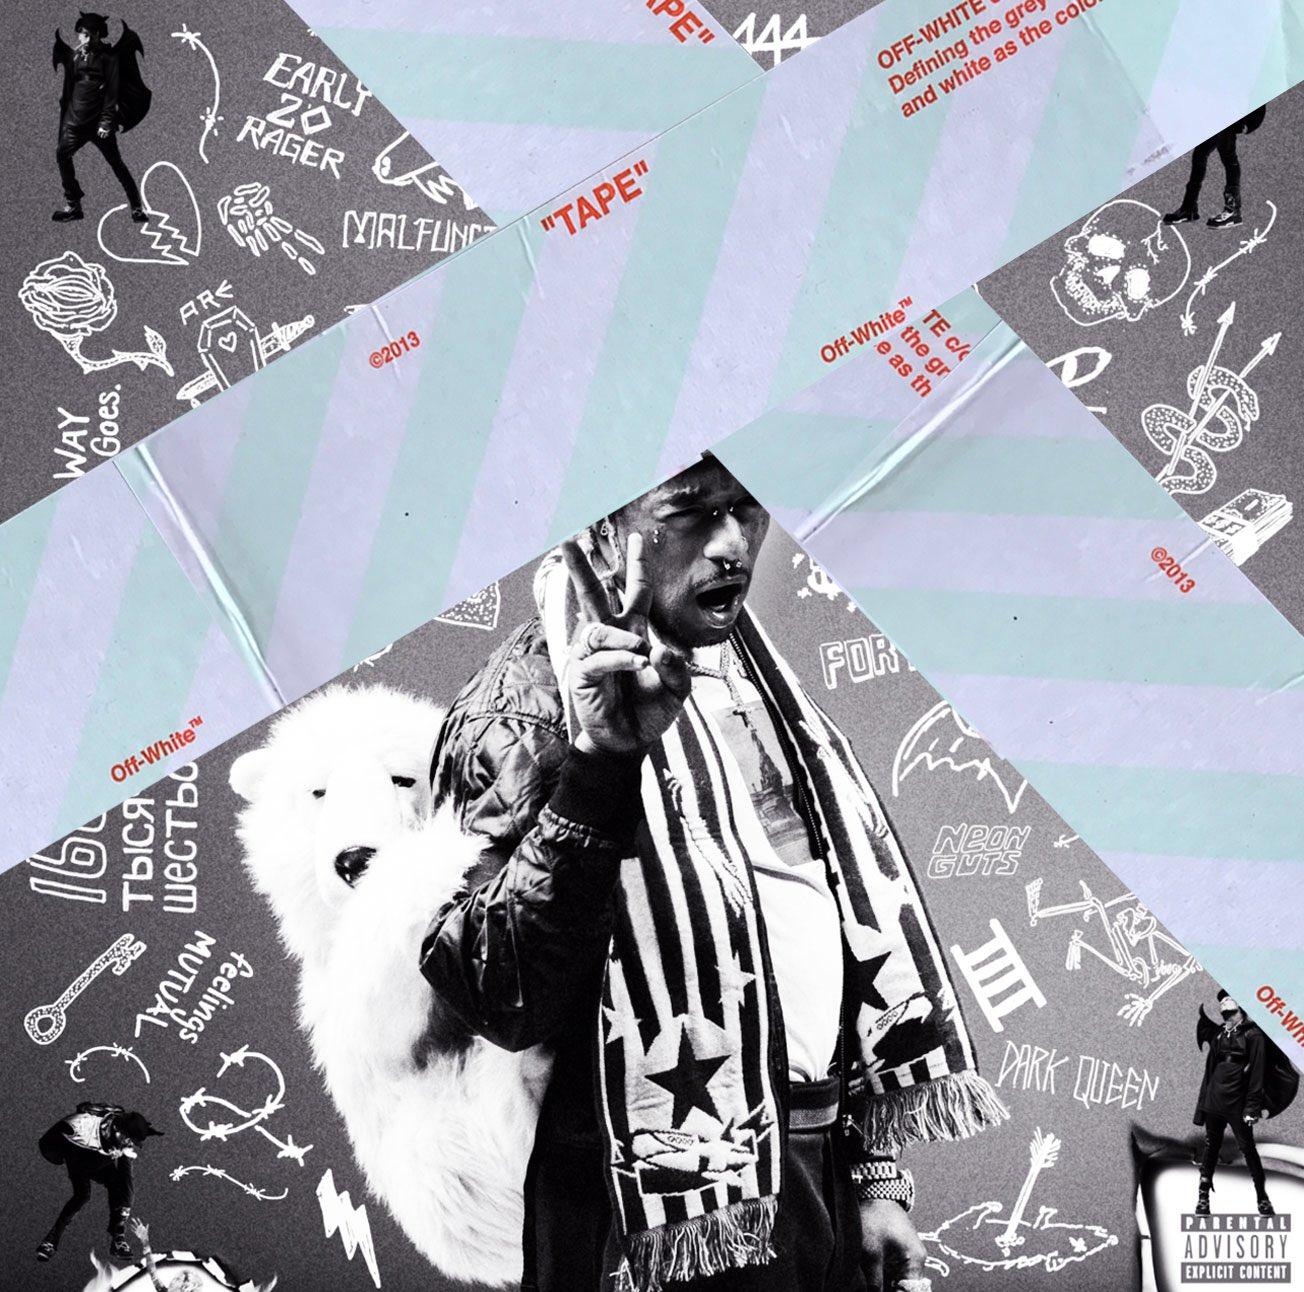 Baby Pluto Twitterissa Tonight At 12 2 The Album